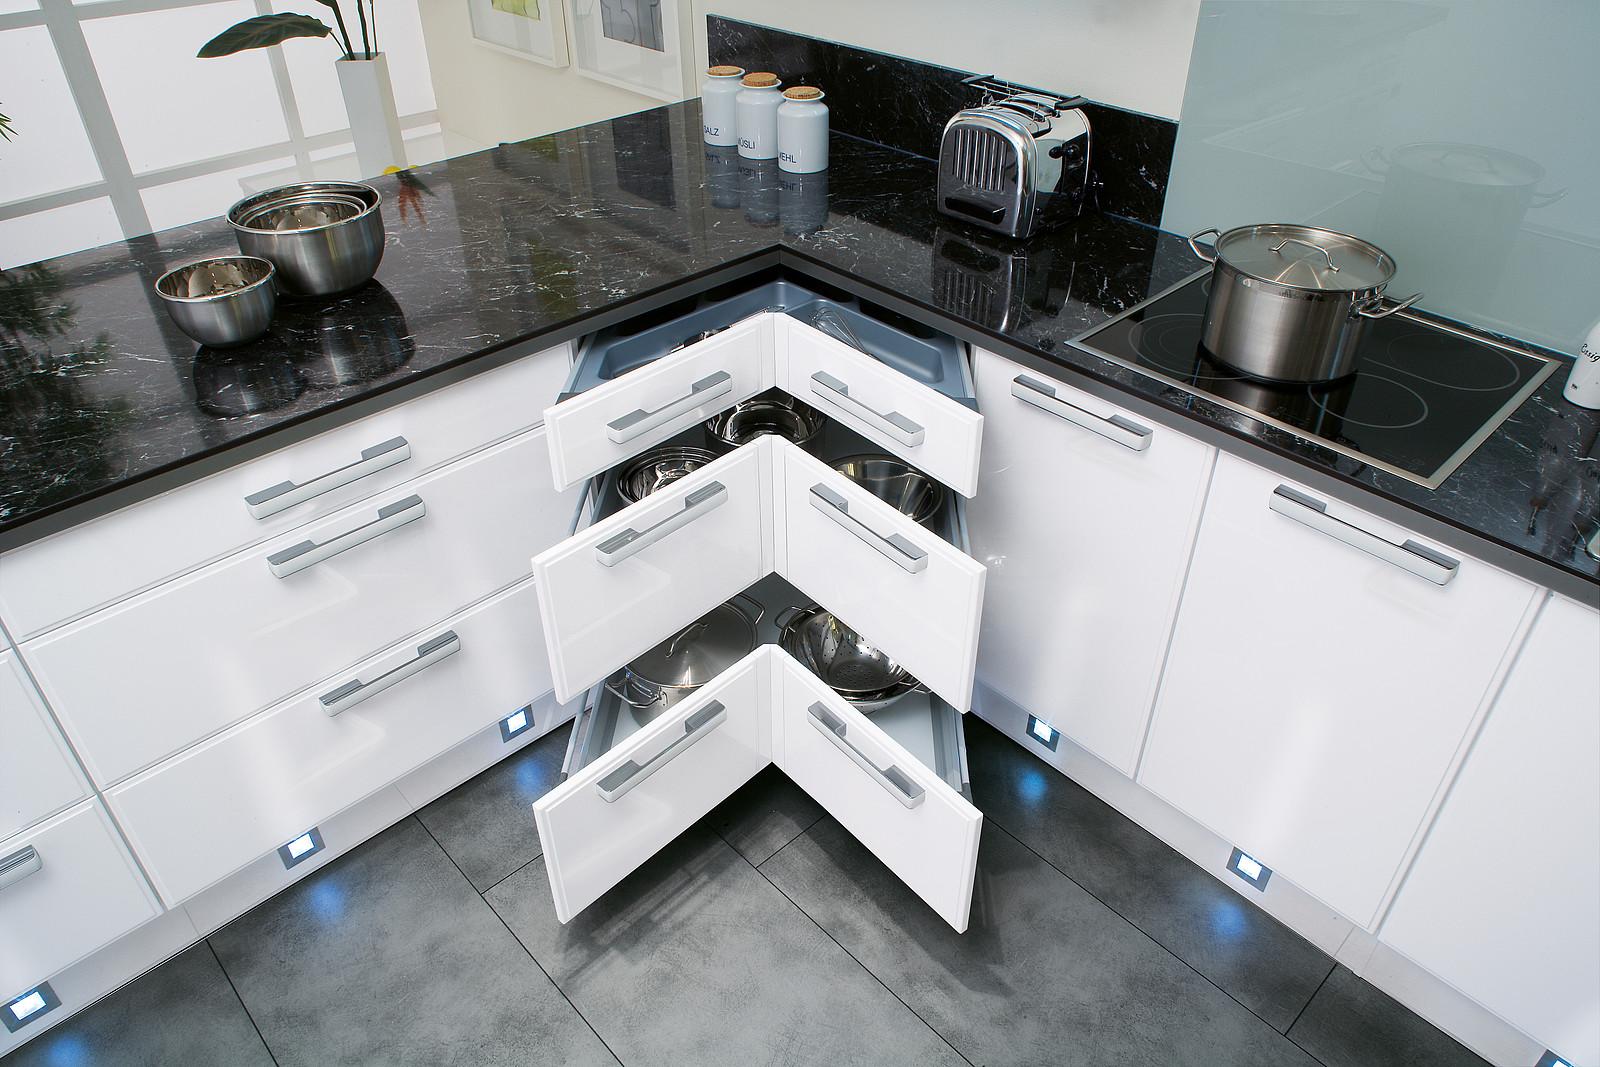 Full Size of Küchen Eckschrank Rondell In Der Kche Alle Ecklsungen Im Berblick Küche Bad Schlafzimmer Regal Wohnzimmer Küchen Eckschrank Rondell